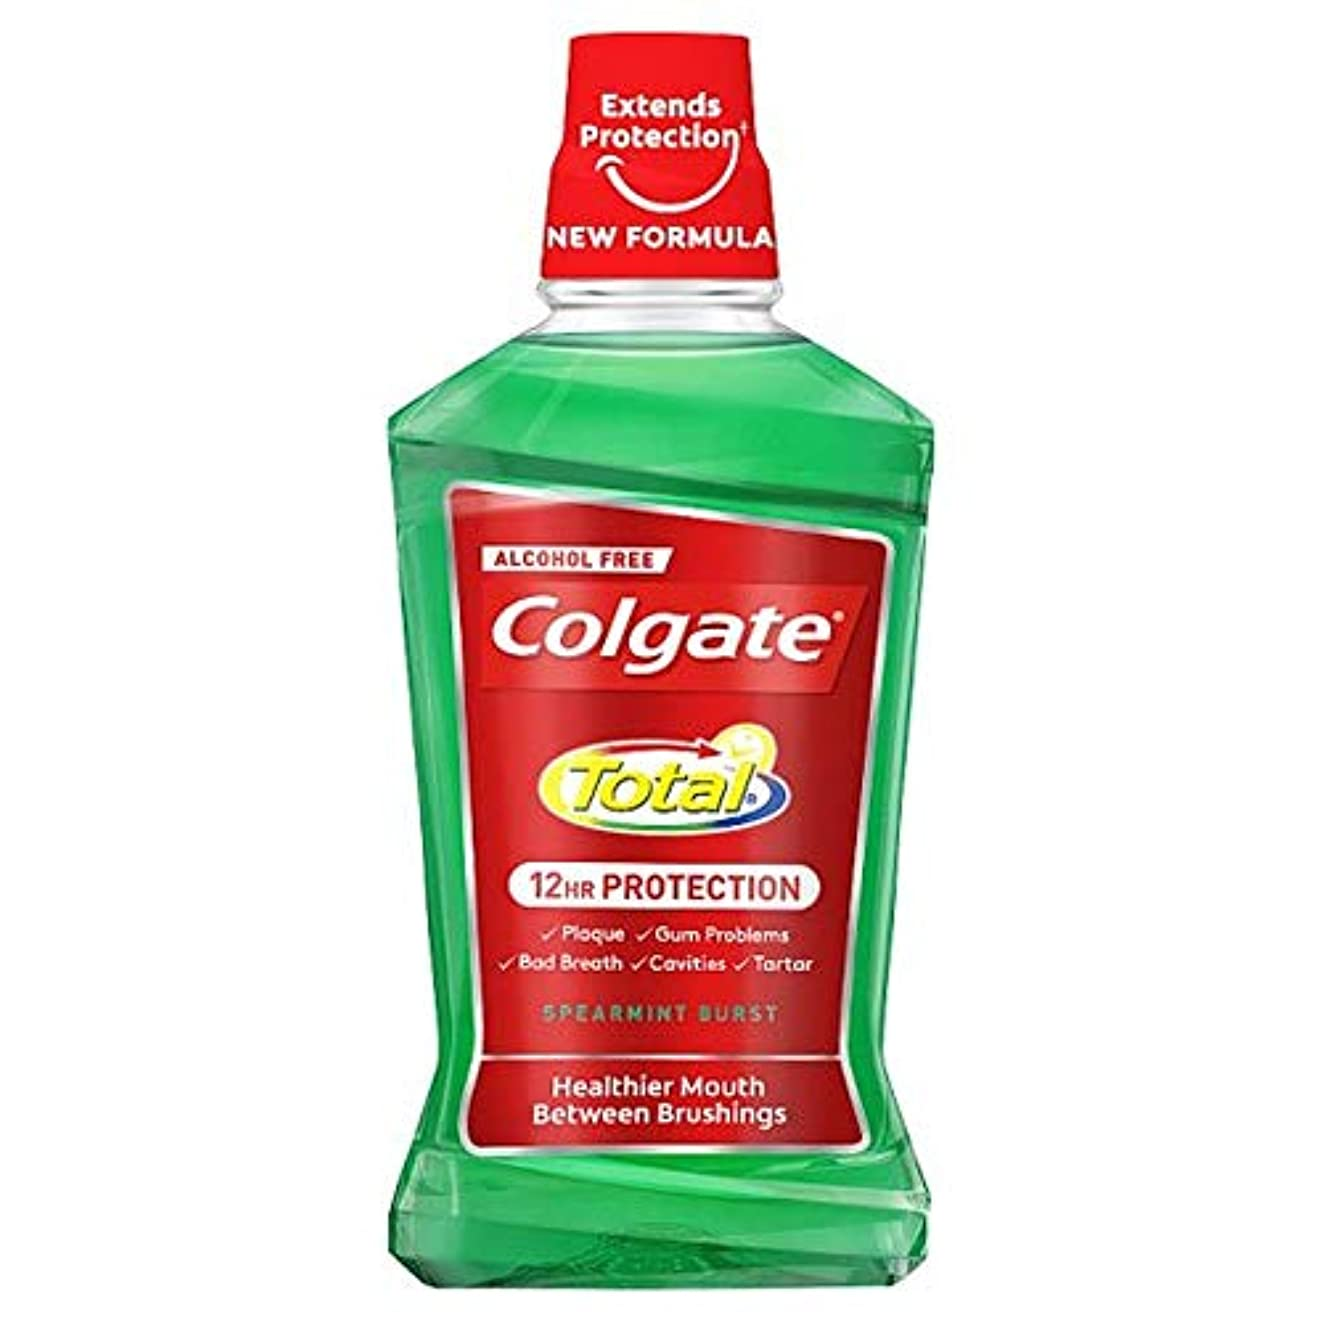 頭ドアのスコア[Colgate ] コルゲートトータル高度なスペアミントマウスウォッシュ500ミリリットル - Colgate Total Advanced Spearmint Mouthwash 500Ml [並行輸入品]